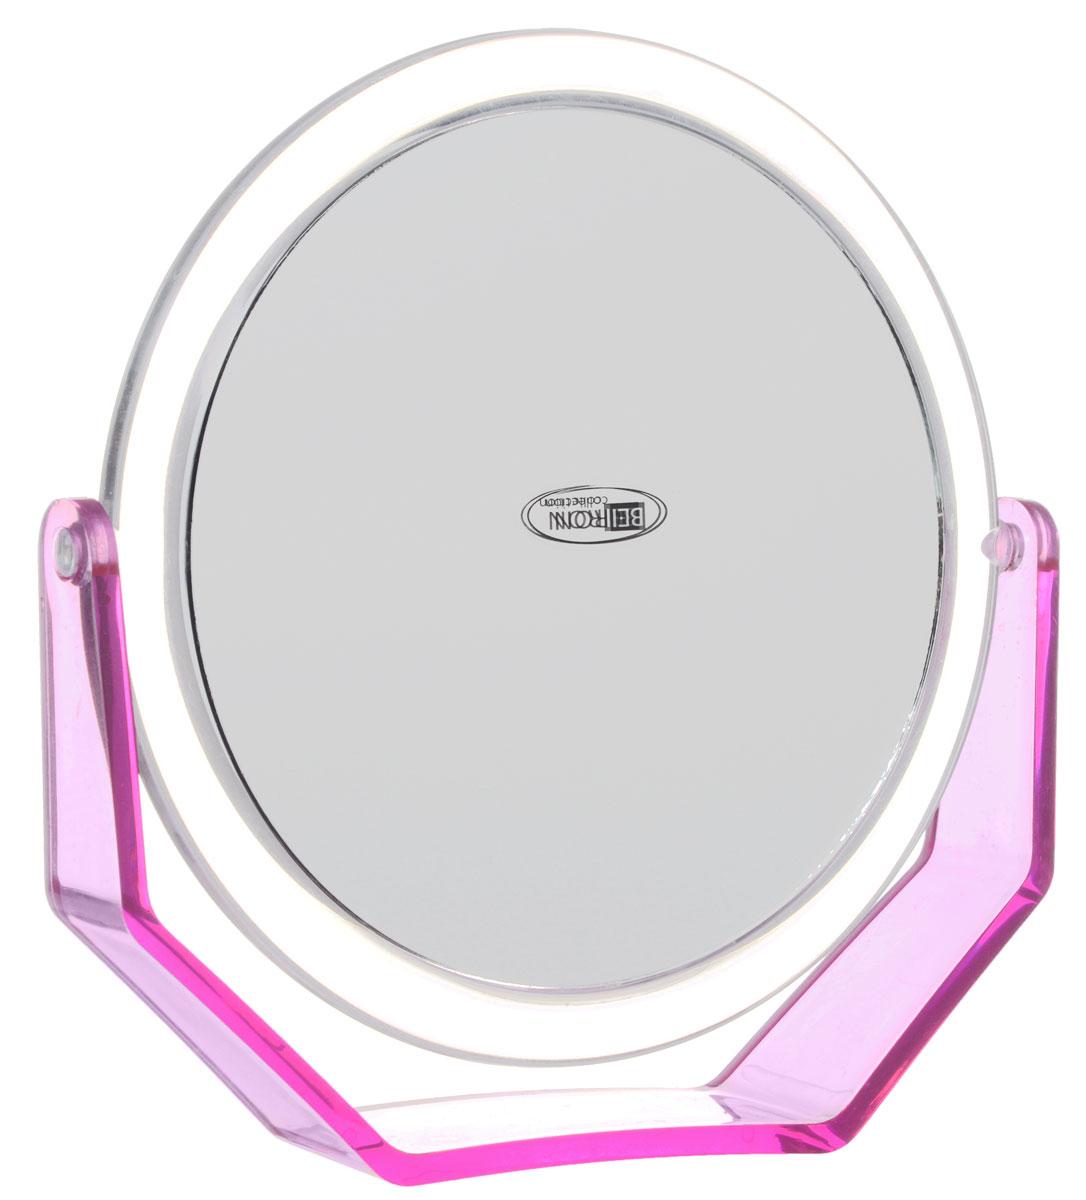 Beiron Зеркало косметическое, настольное, двустороннее, цвет: розовый. 530-1129 gopaldas анальная цепочка синяя на жесткой сцепке